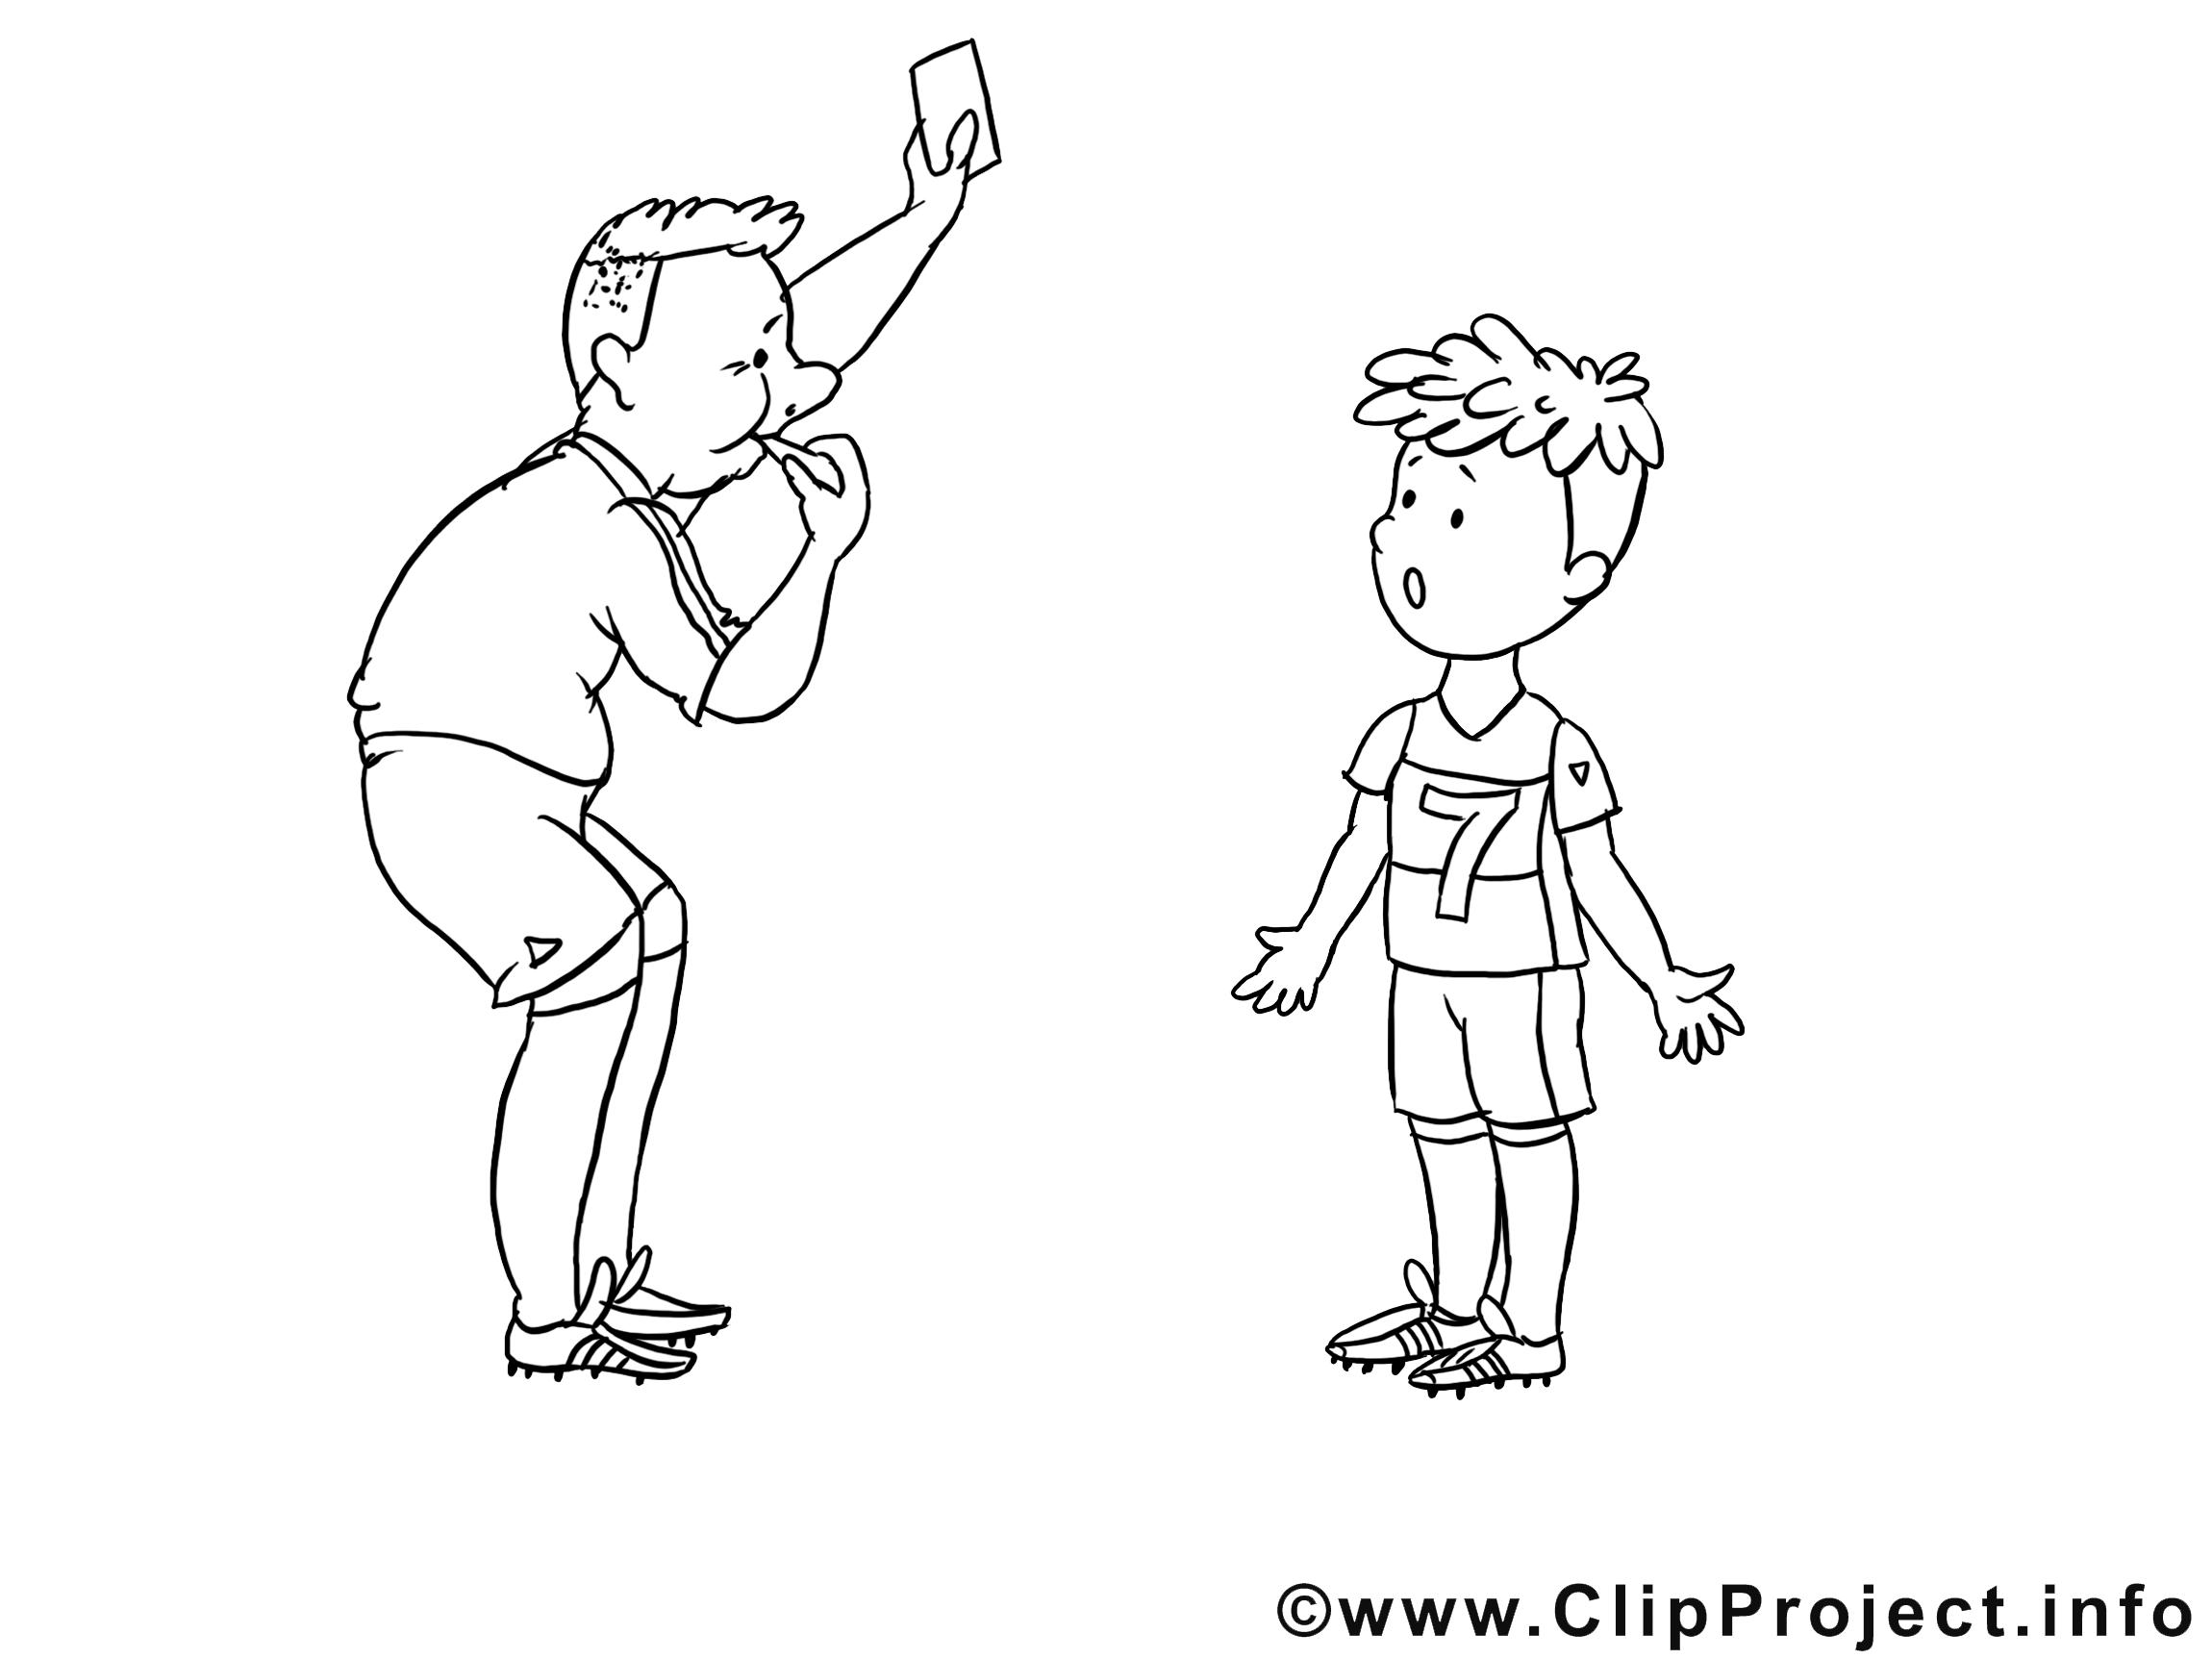 Arbitre dessins gratuits – Football à colorier